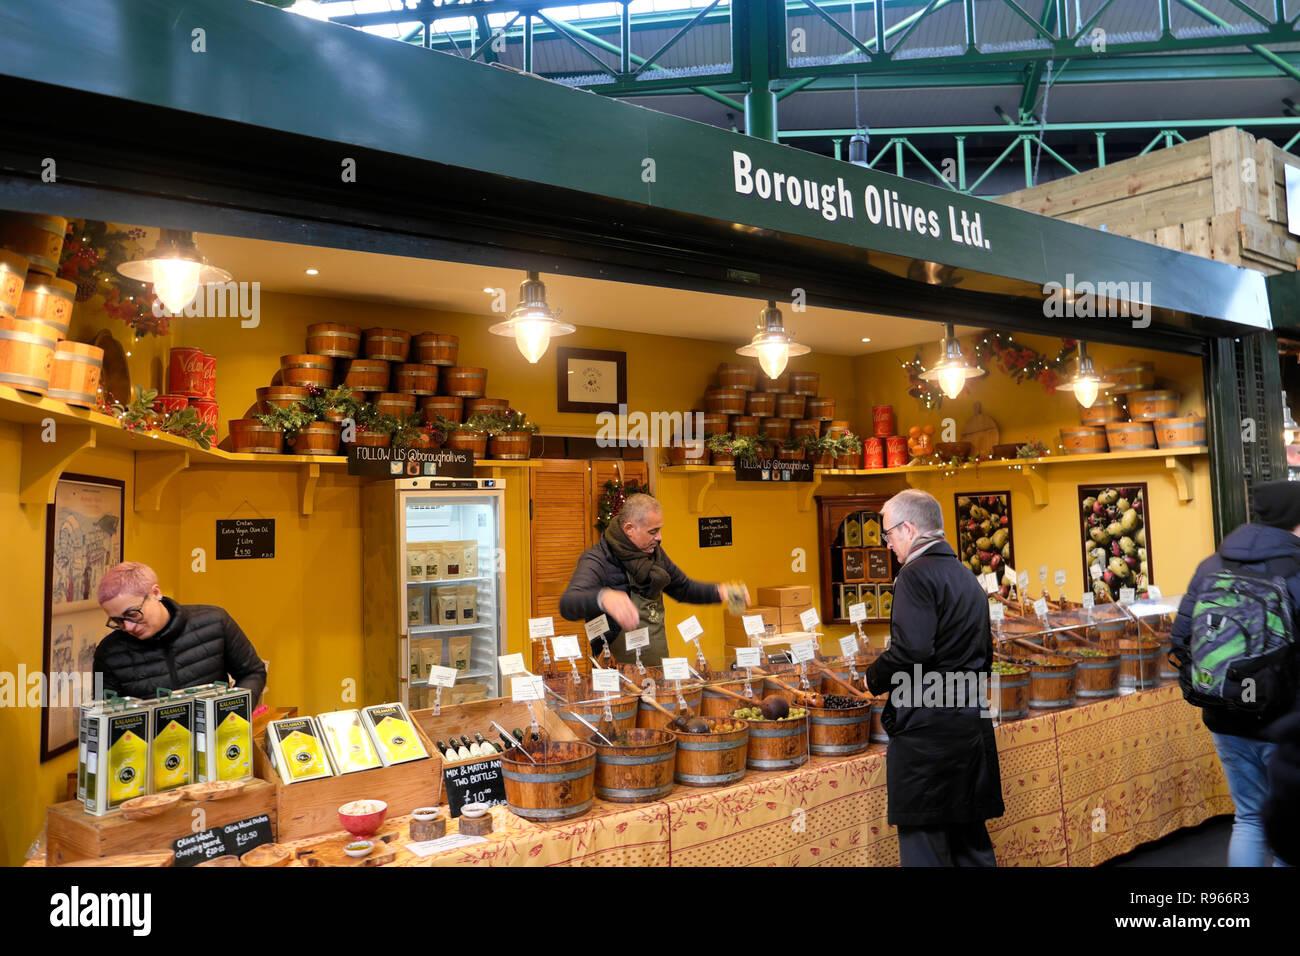 Borough Olives Ltd. olive market stall at Borough Market in London England UK  KATHY DEWITT - Stock Image